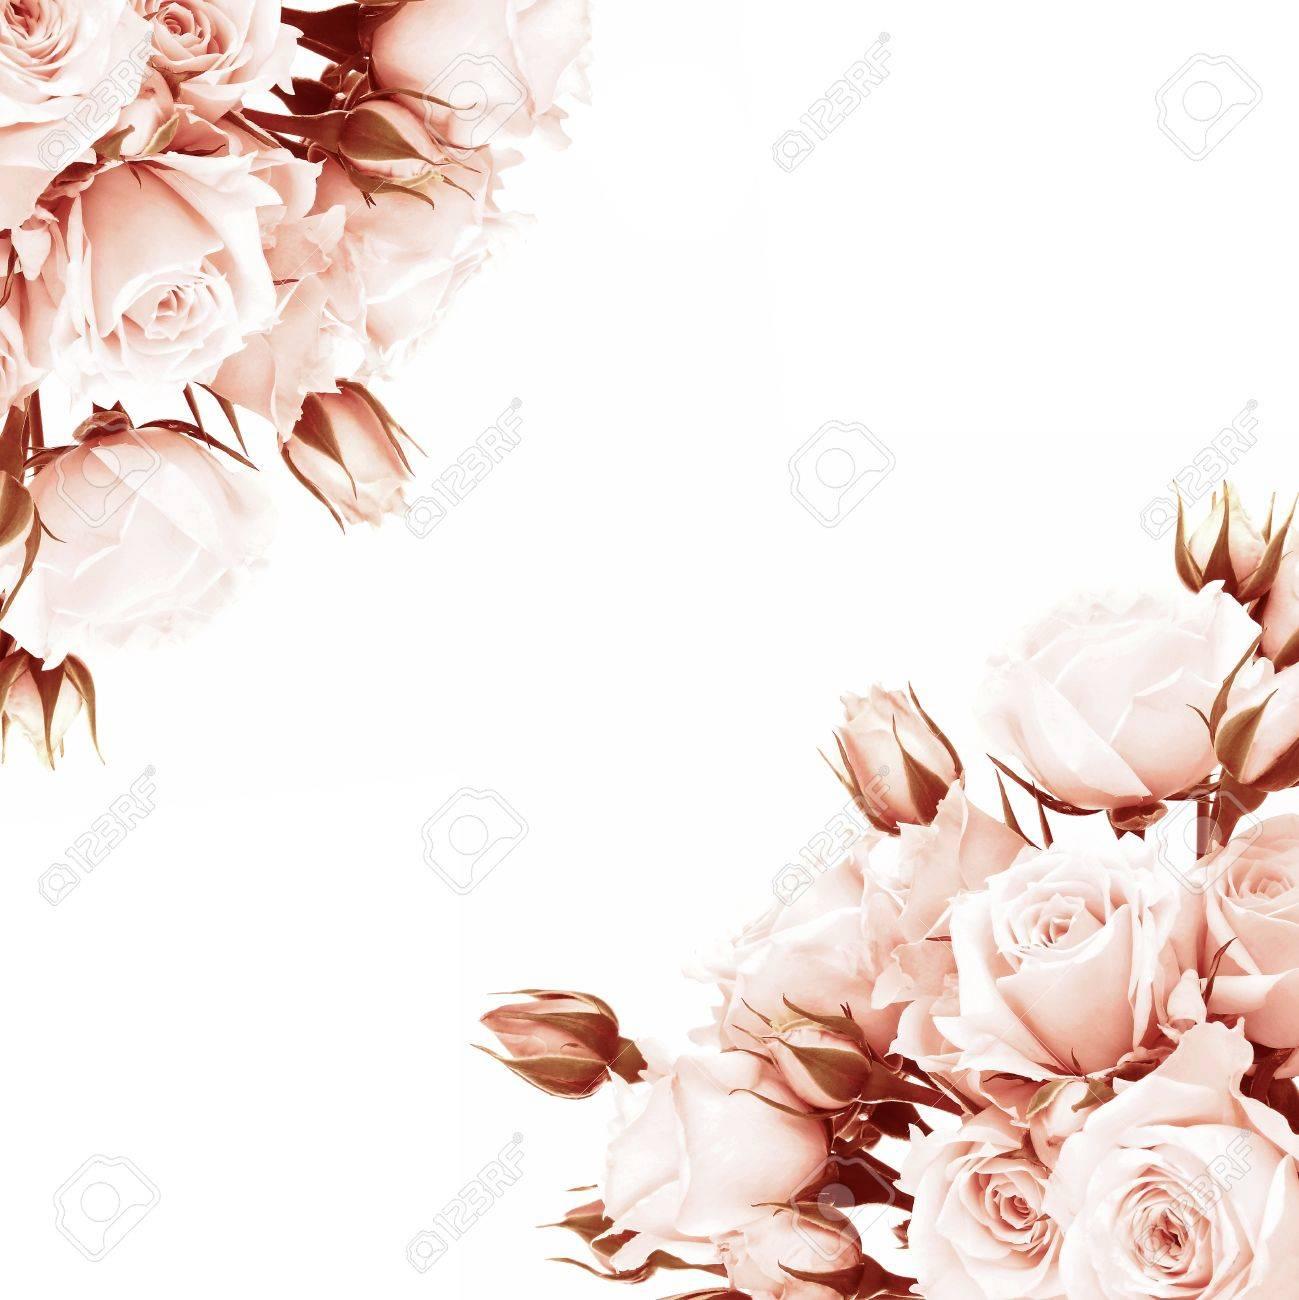 Fresca Rosa Marco De Las Rosas, Hermosas Flores Aislado En Blanco ...